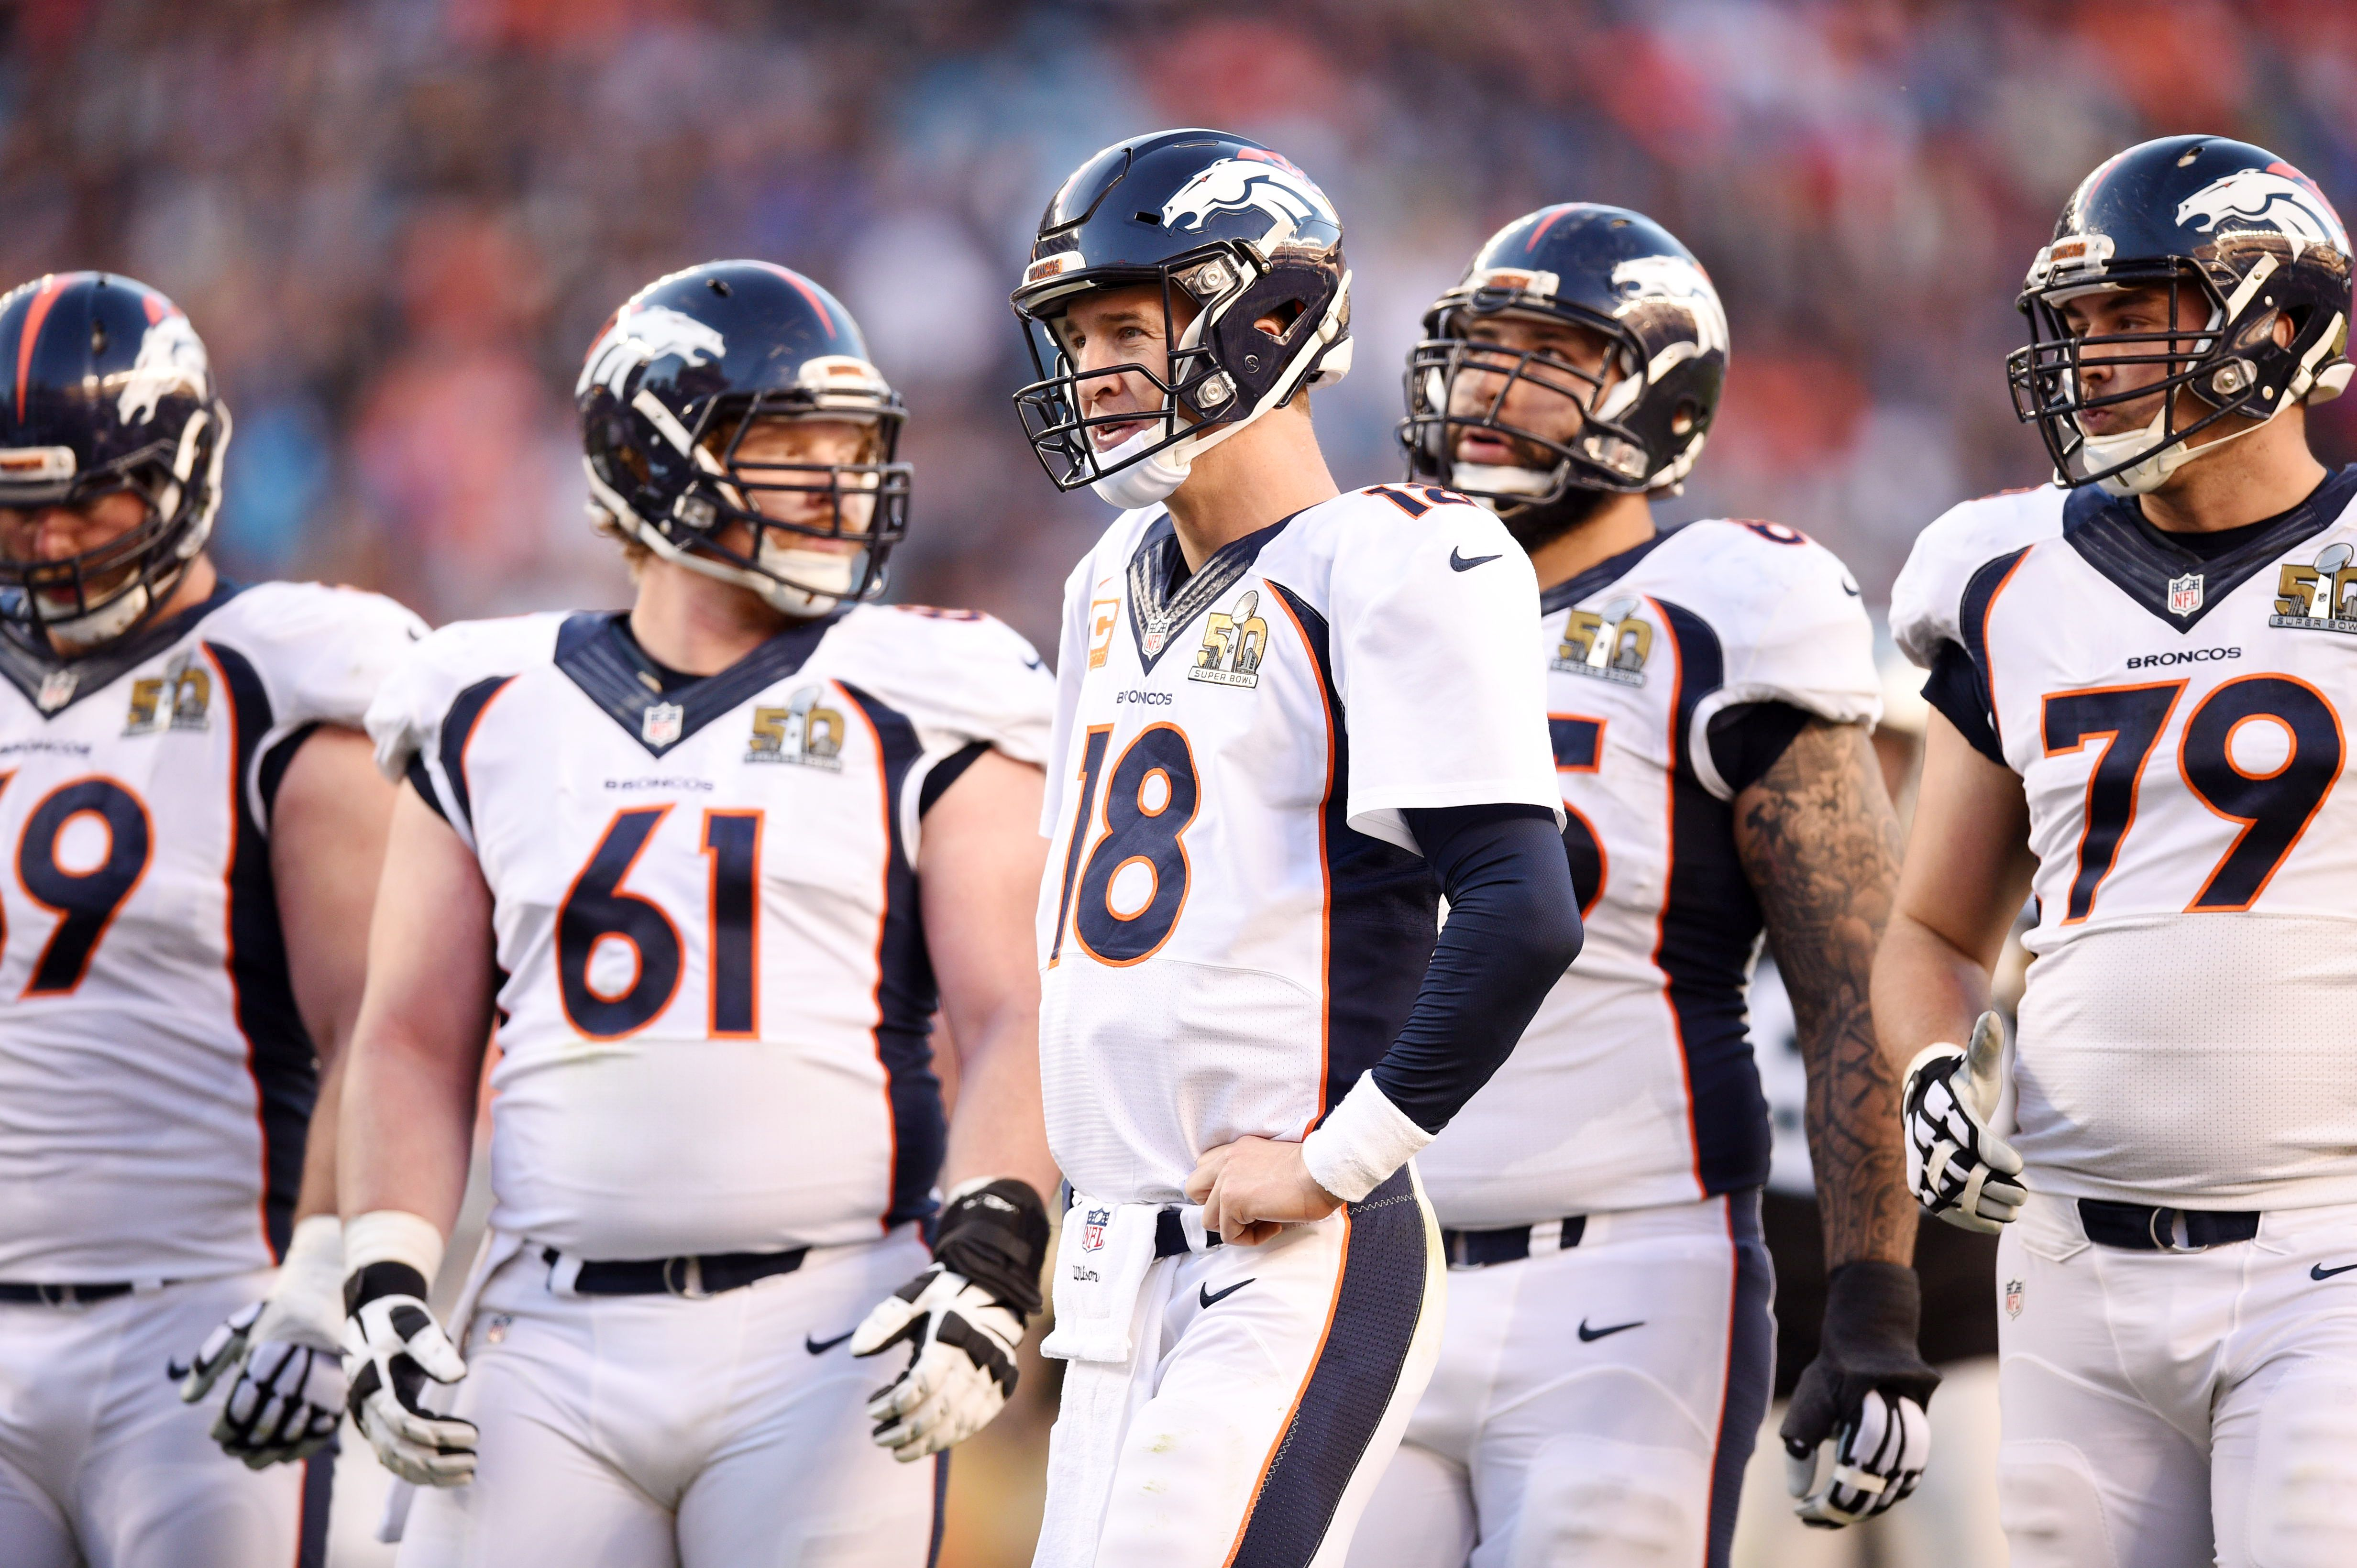 Manning waits